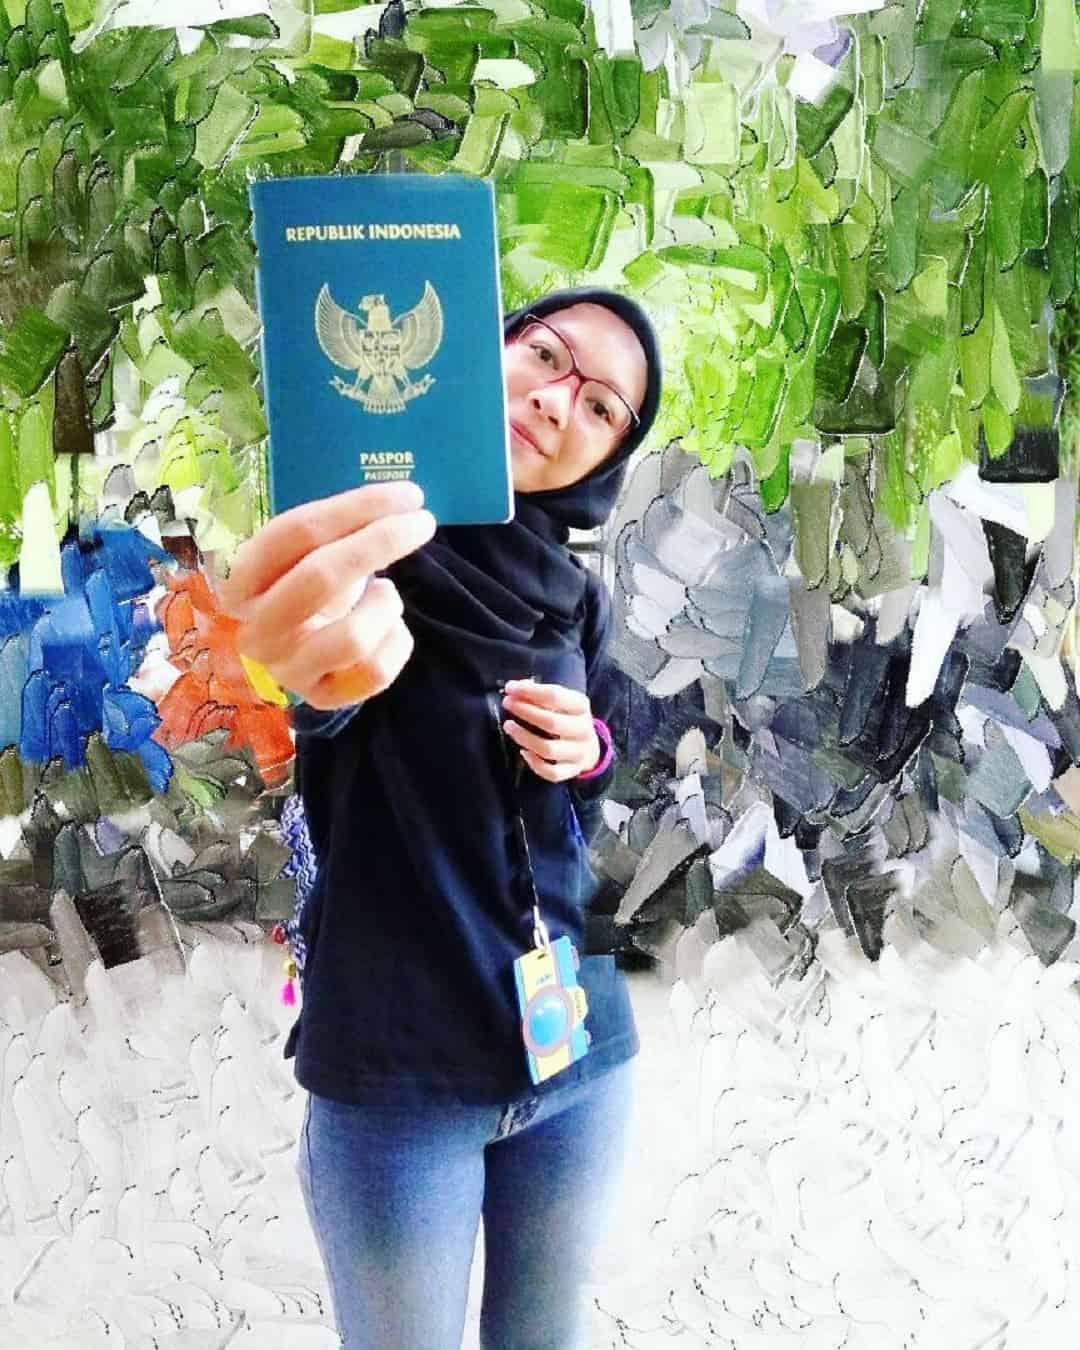 Cara Membuat dan Keuntungan Memiliki E-paspor Indonesia Sumber Instagram daramoonmata